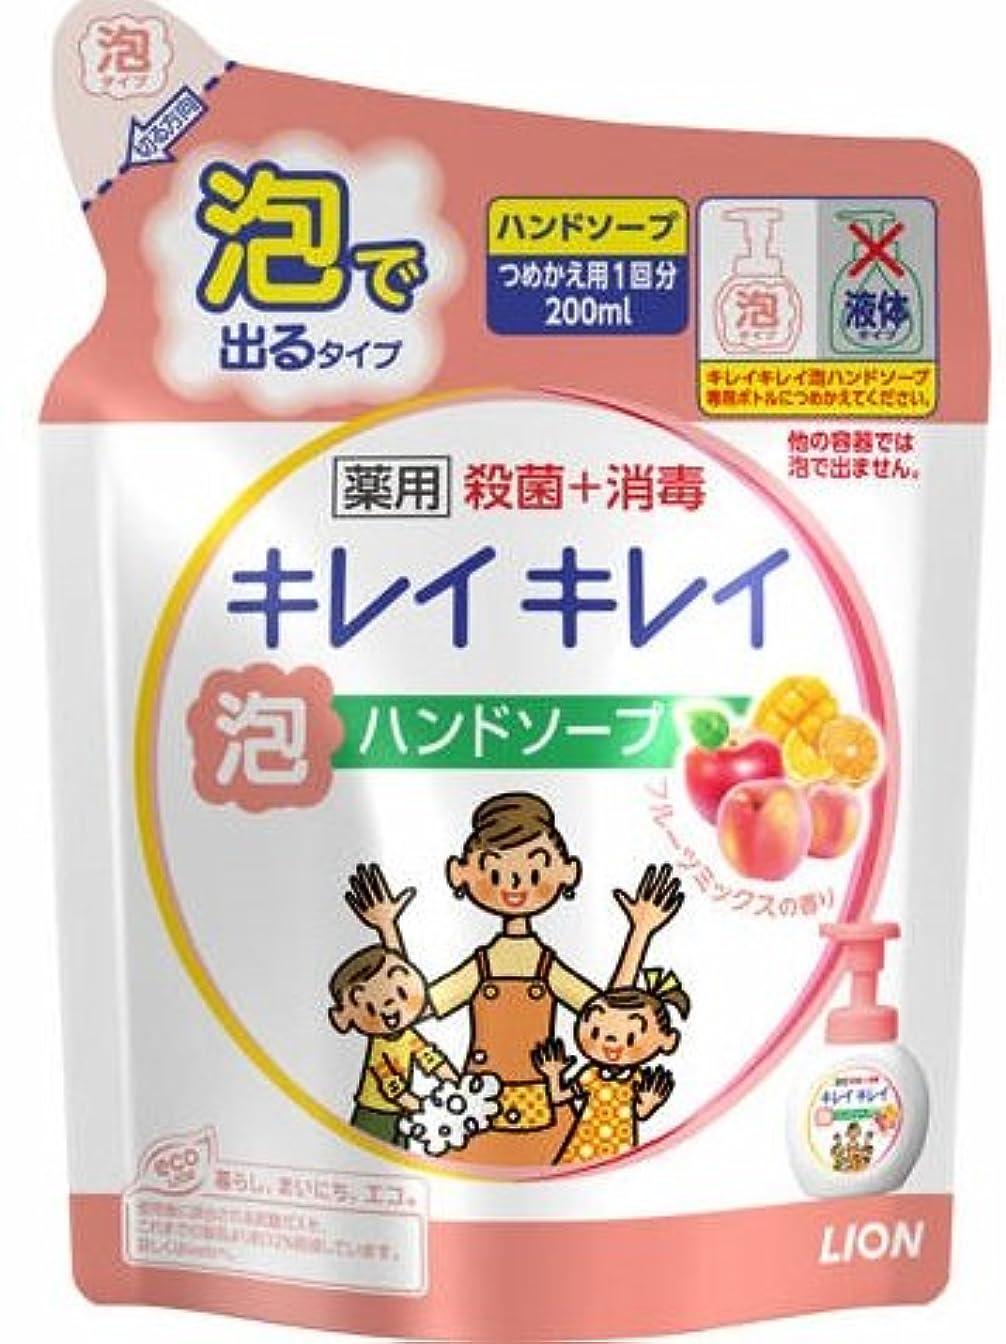 病気の鼻納屋キレイキレイ 薬用泡ハンドソープ フルーツミックスの香り つめかえ用 通常サイズ 200ml ×10個セット